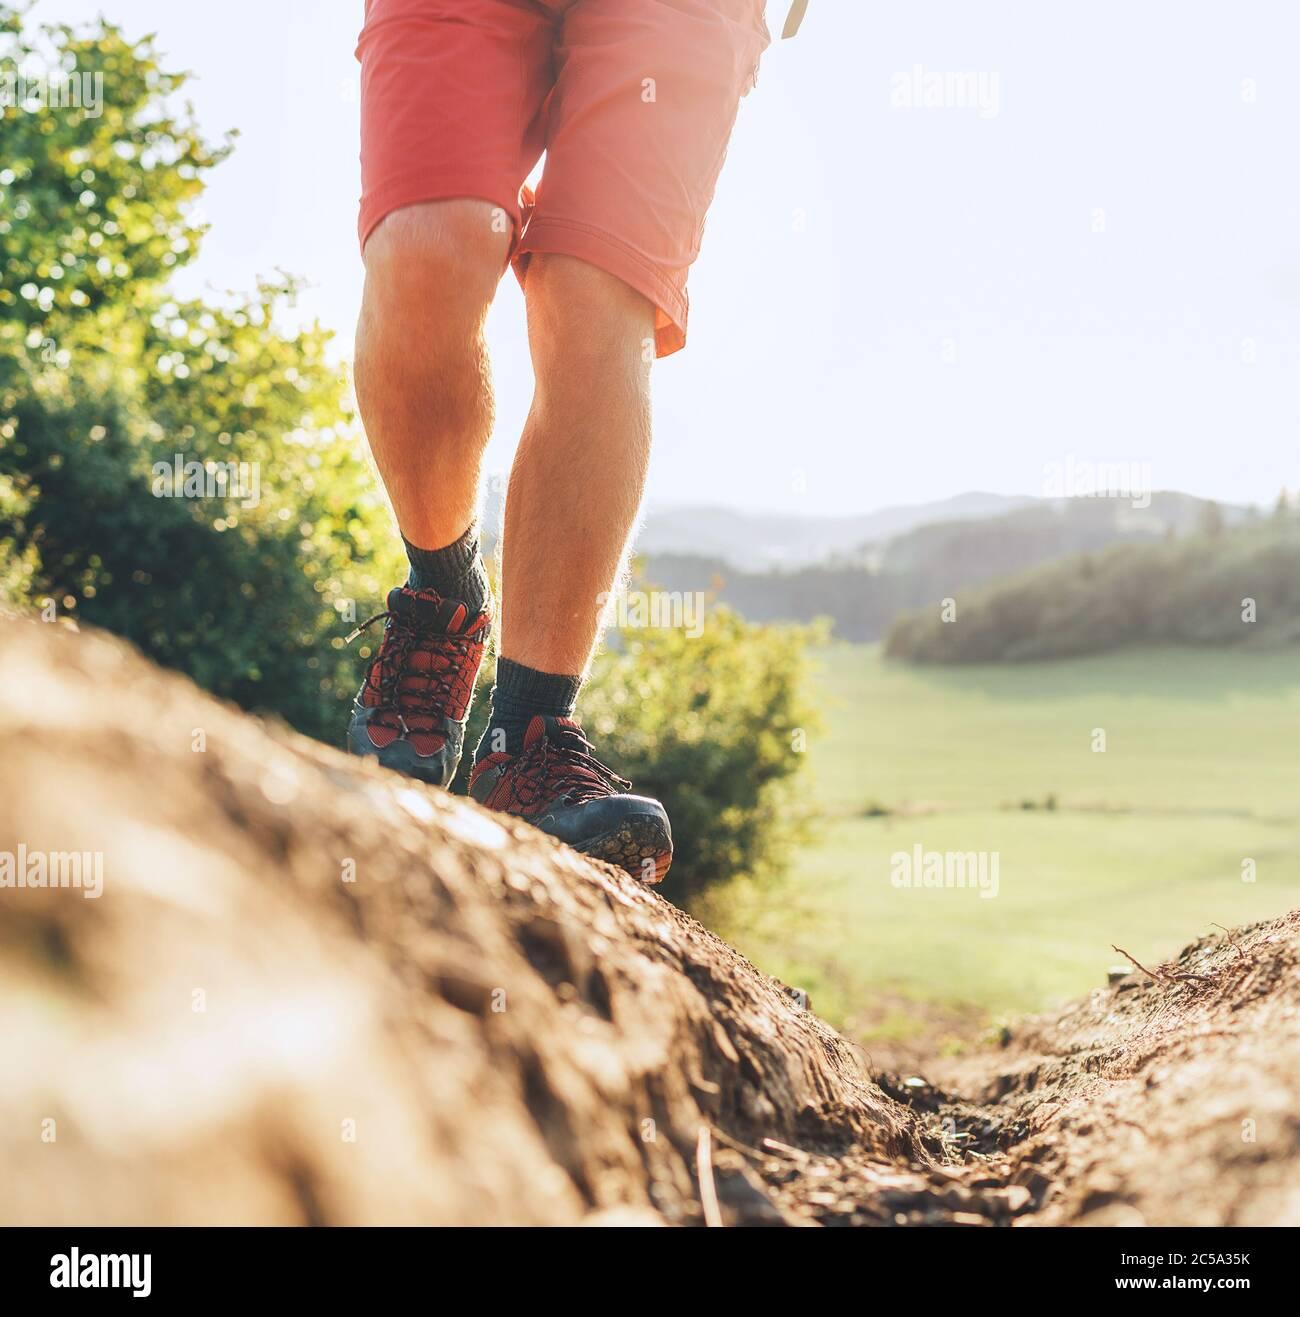 Close up imagen mochilero pies en botas de trekking en camino sucio montaña en verano día soleado. Foto de stock